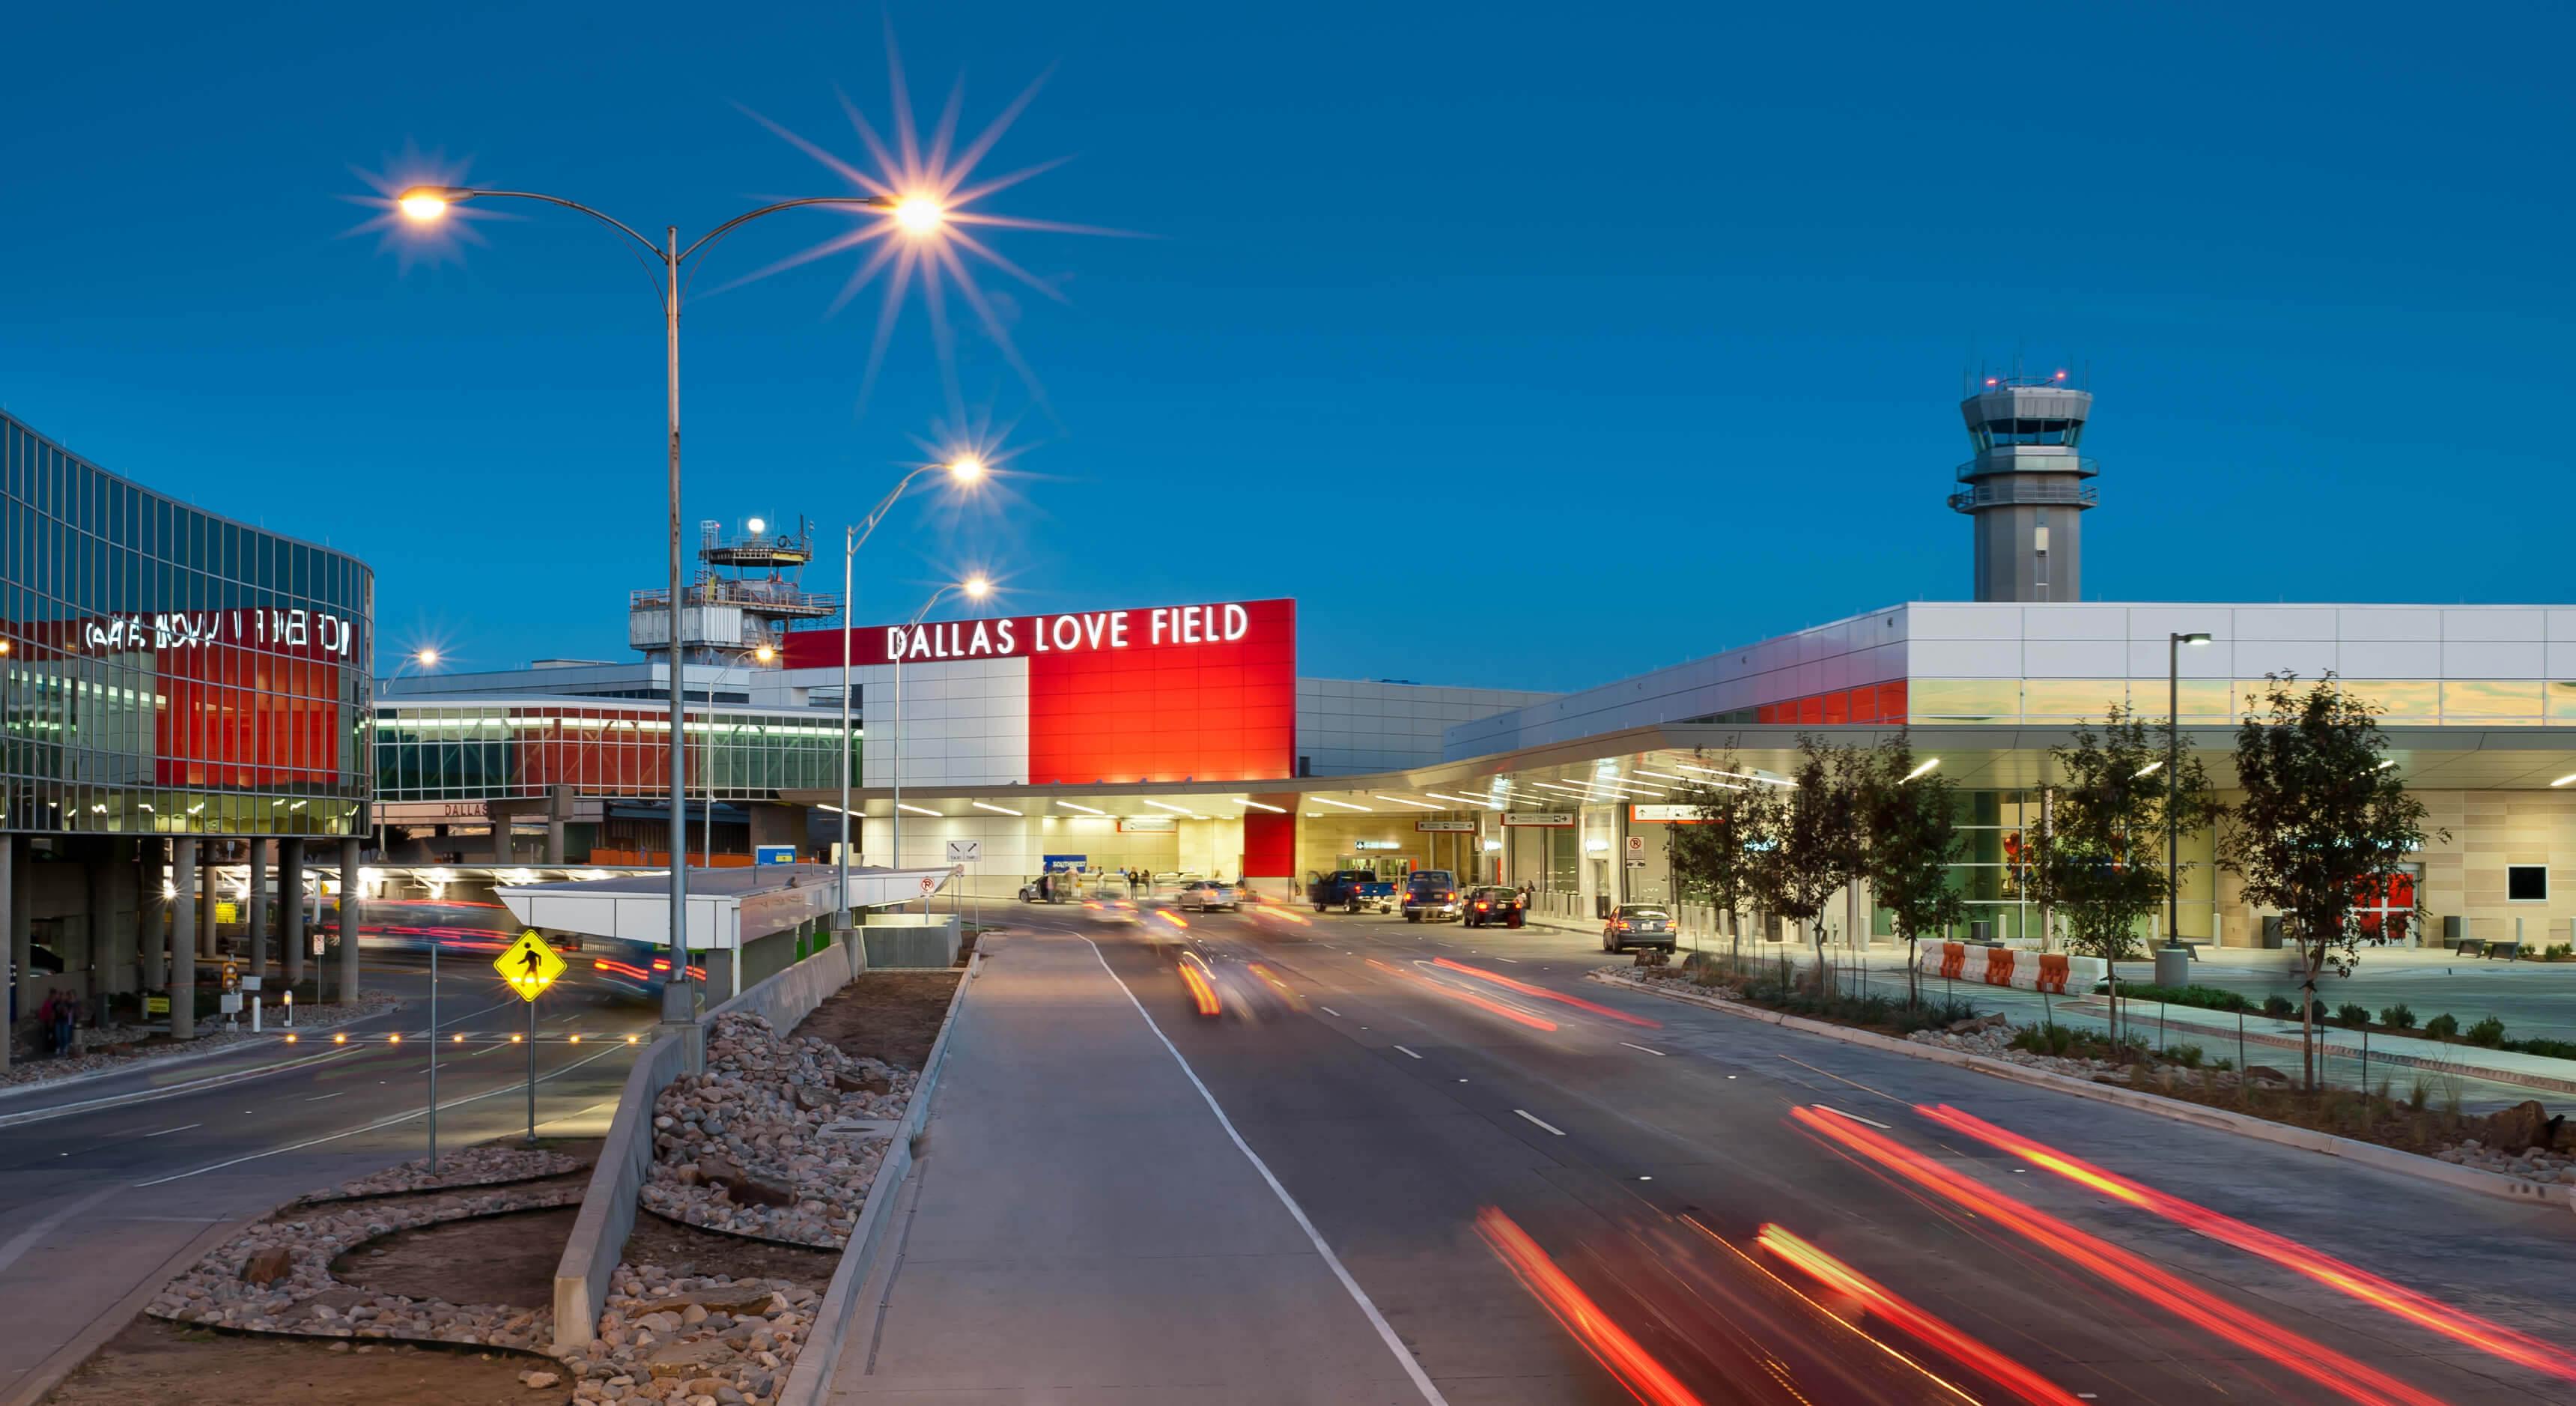 DallasLoveFieldAirport